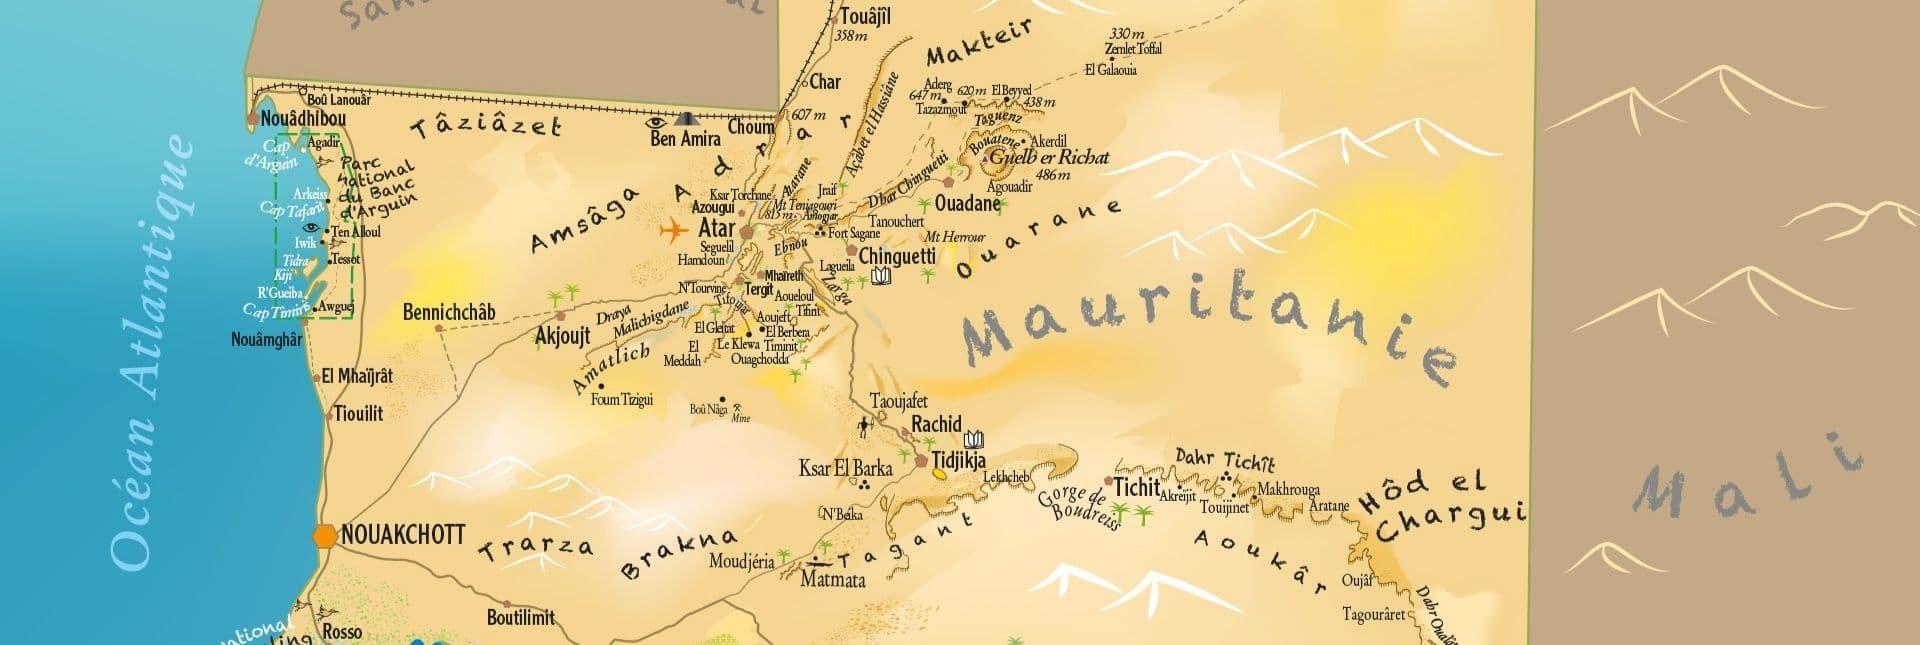 Carte touristique Mauritanie